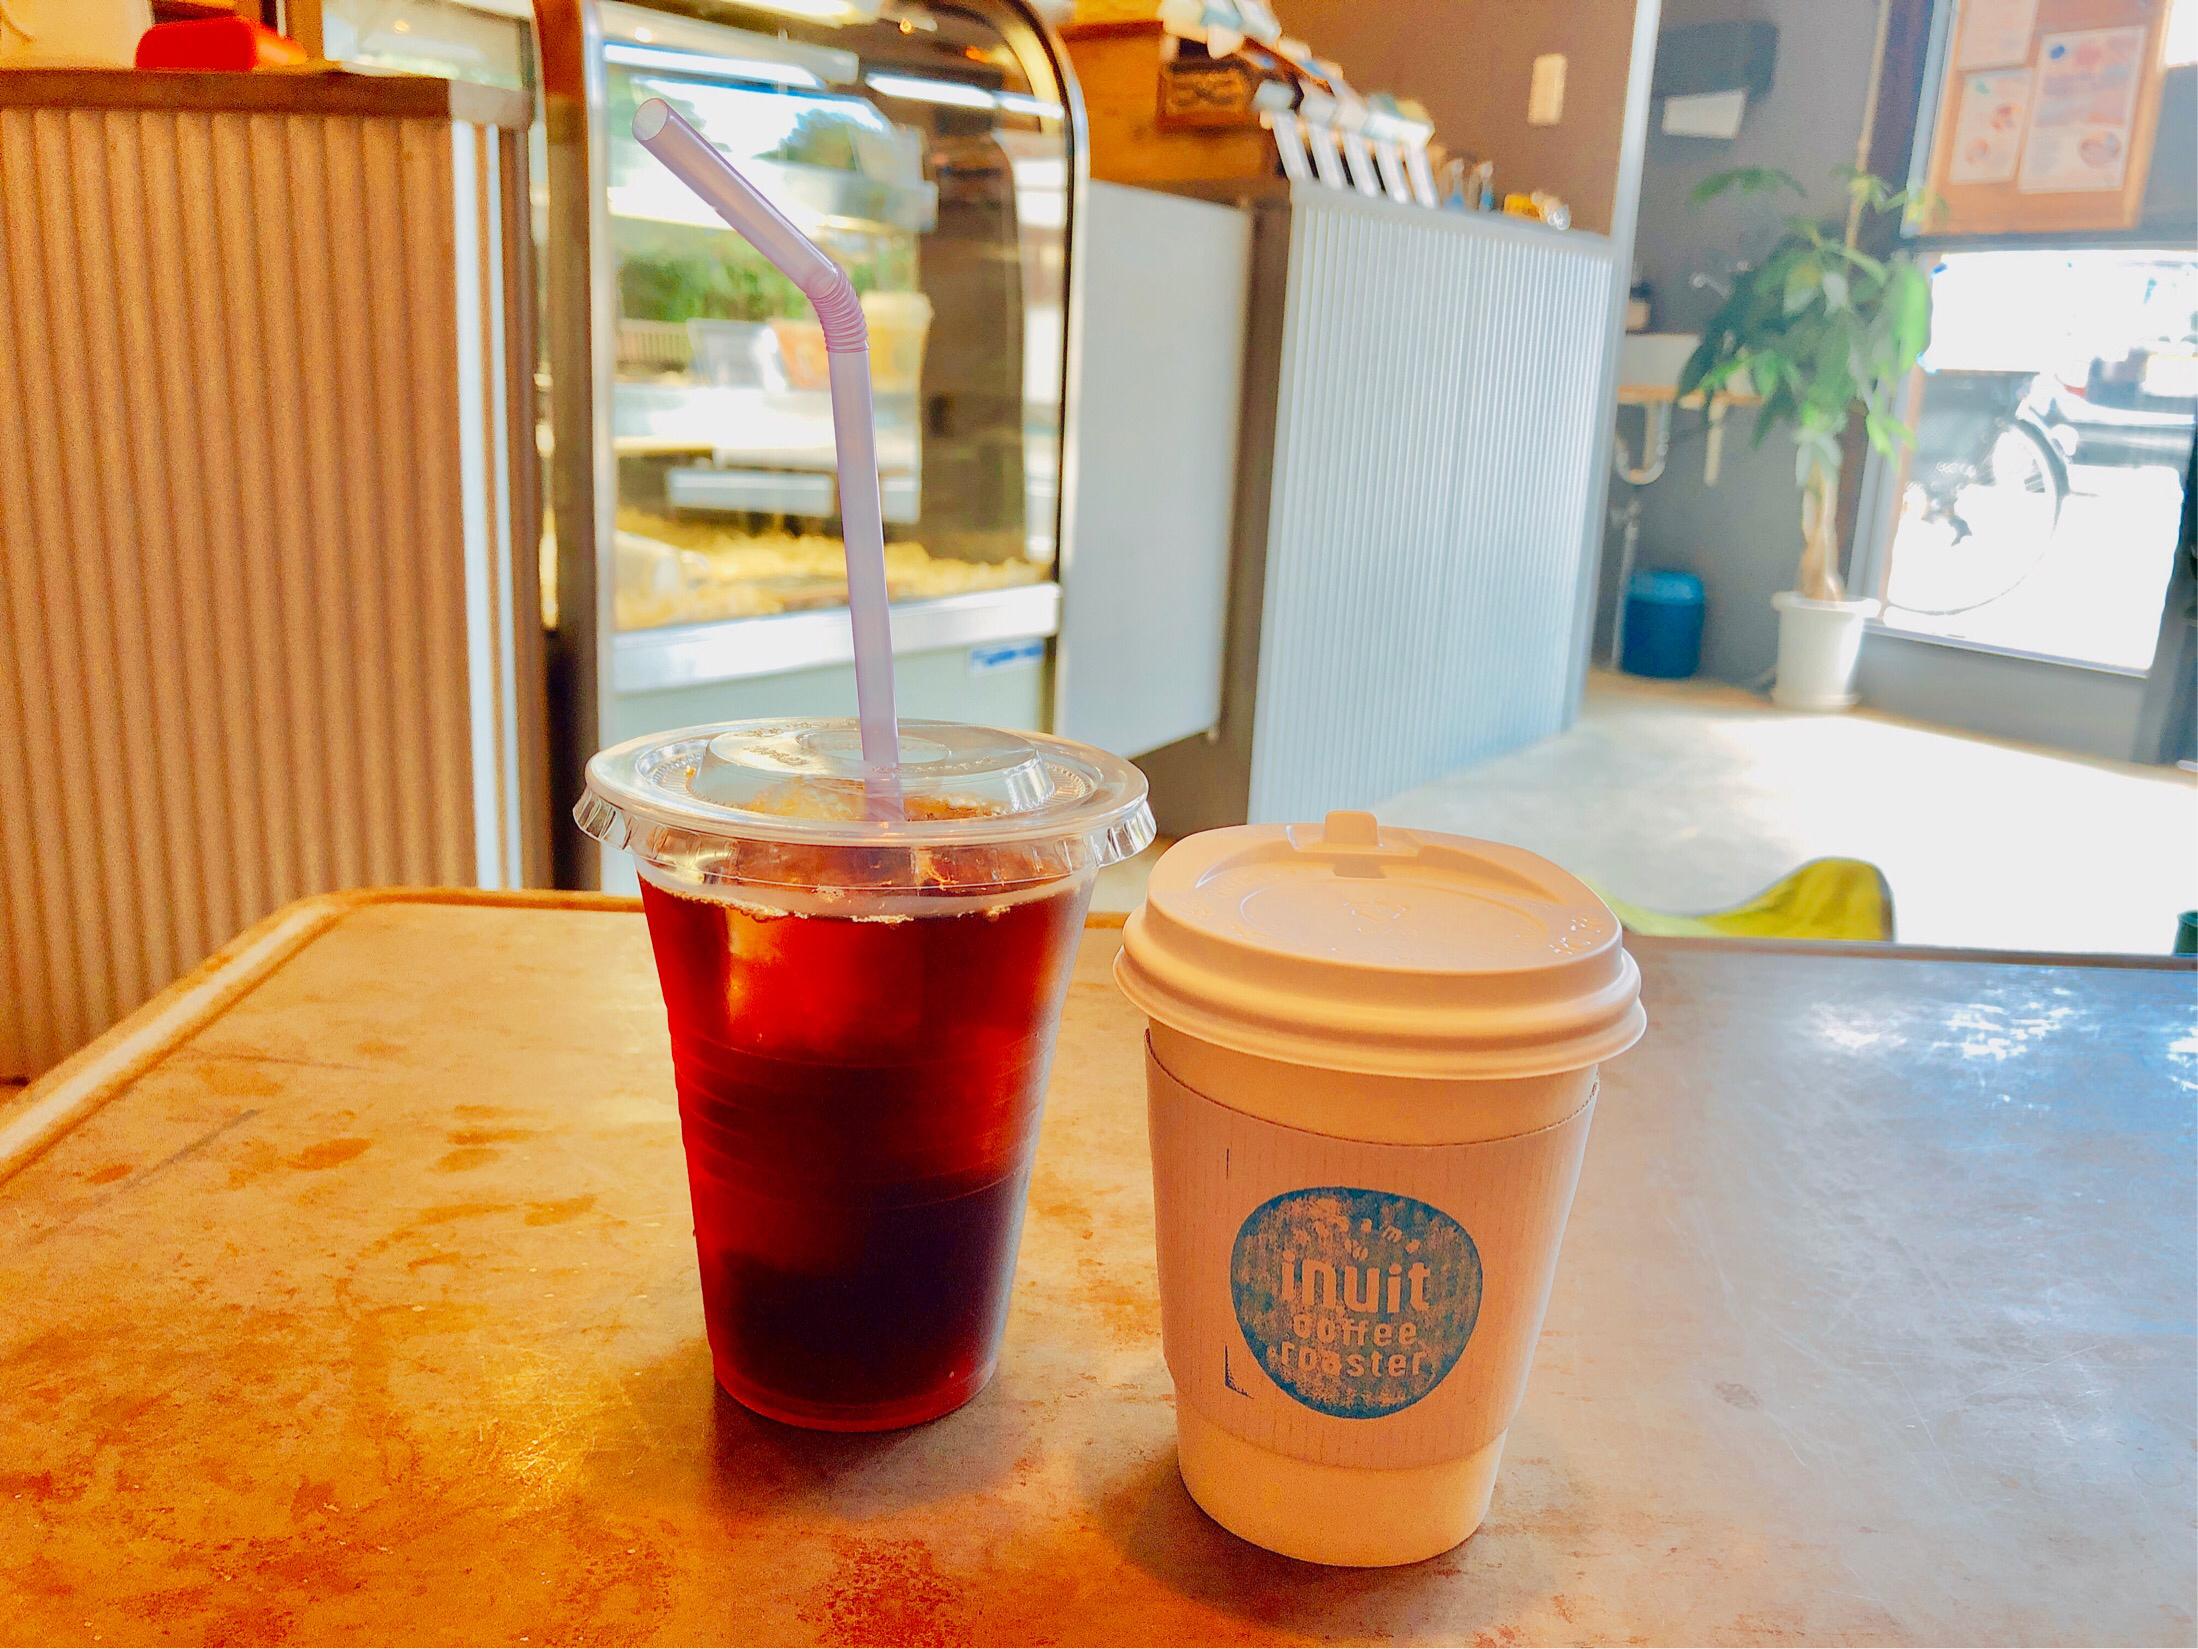 イヌイットコーヒーで注文したホットコーヒーと、アイスコーヒーの写真。色んな味が選べて楽しい。